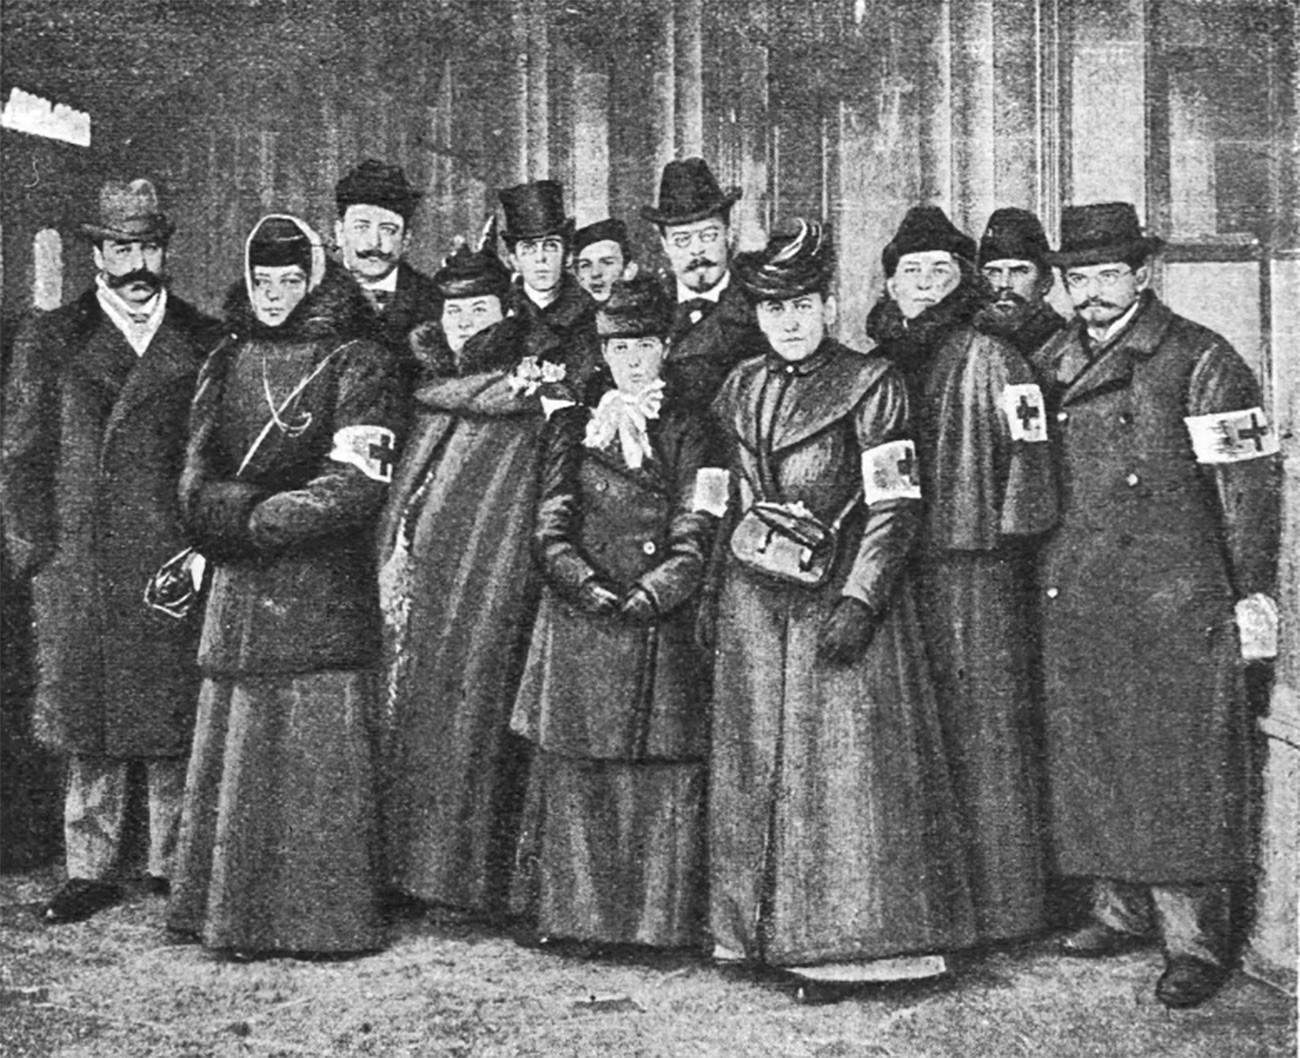 Руско-холандски санитарни одред кренуо је из Петербурга у помоћ Бурима. Варшавска железничка станица 1899.